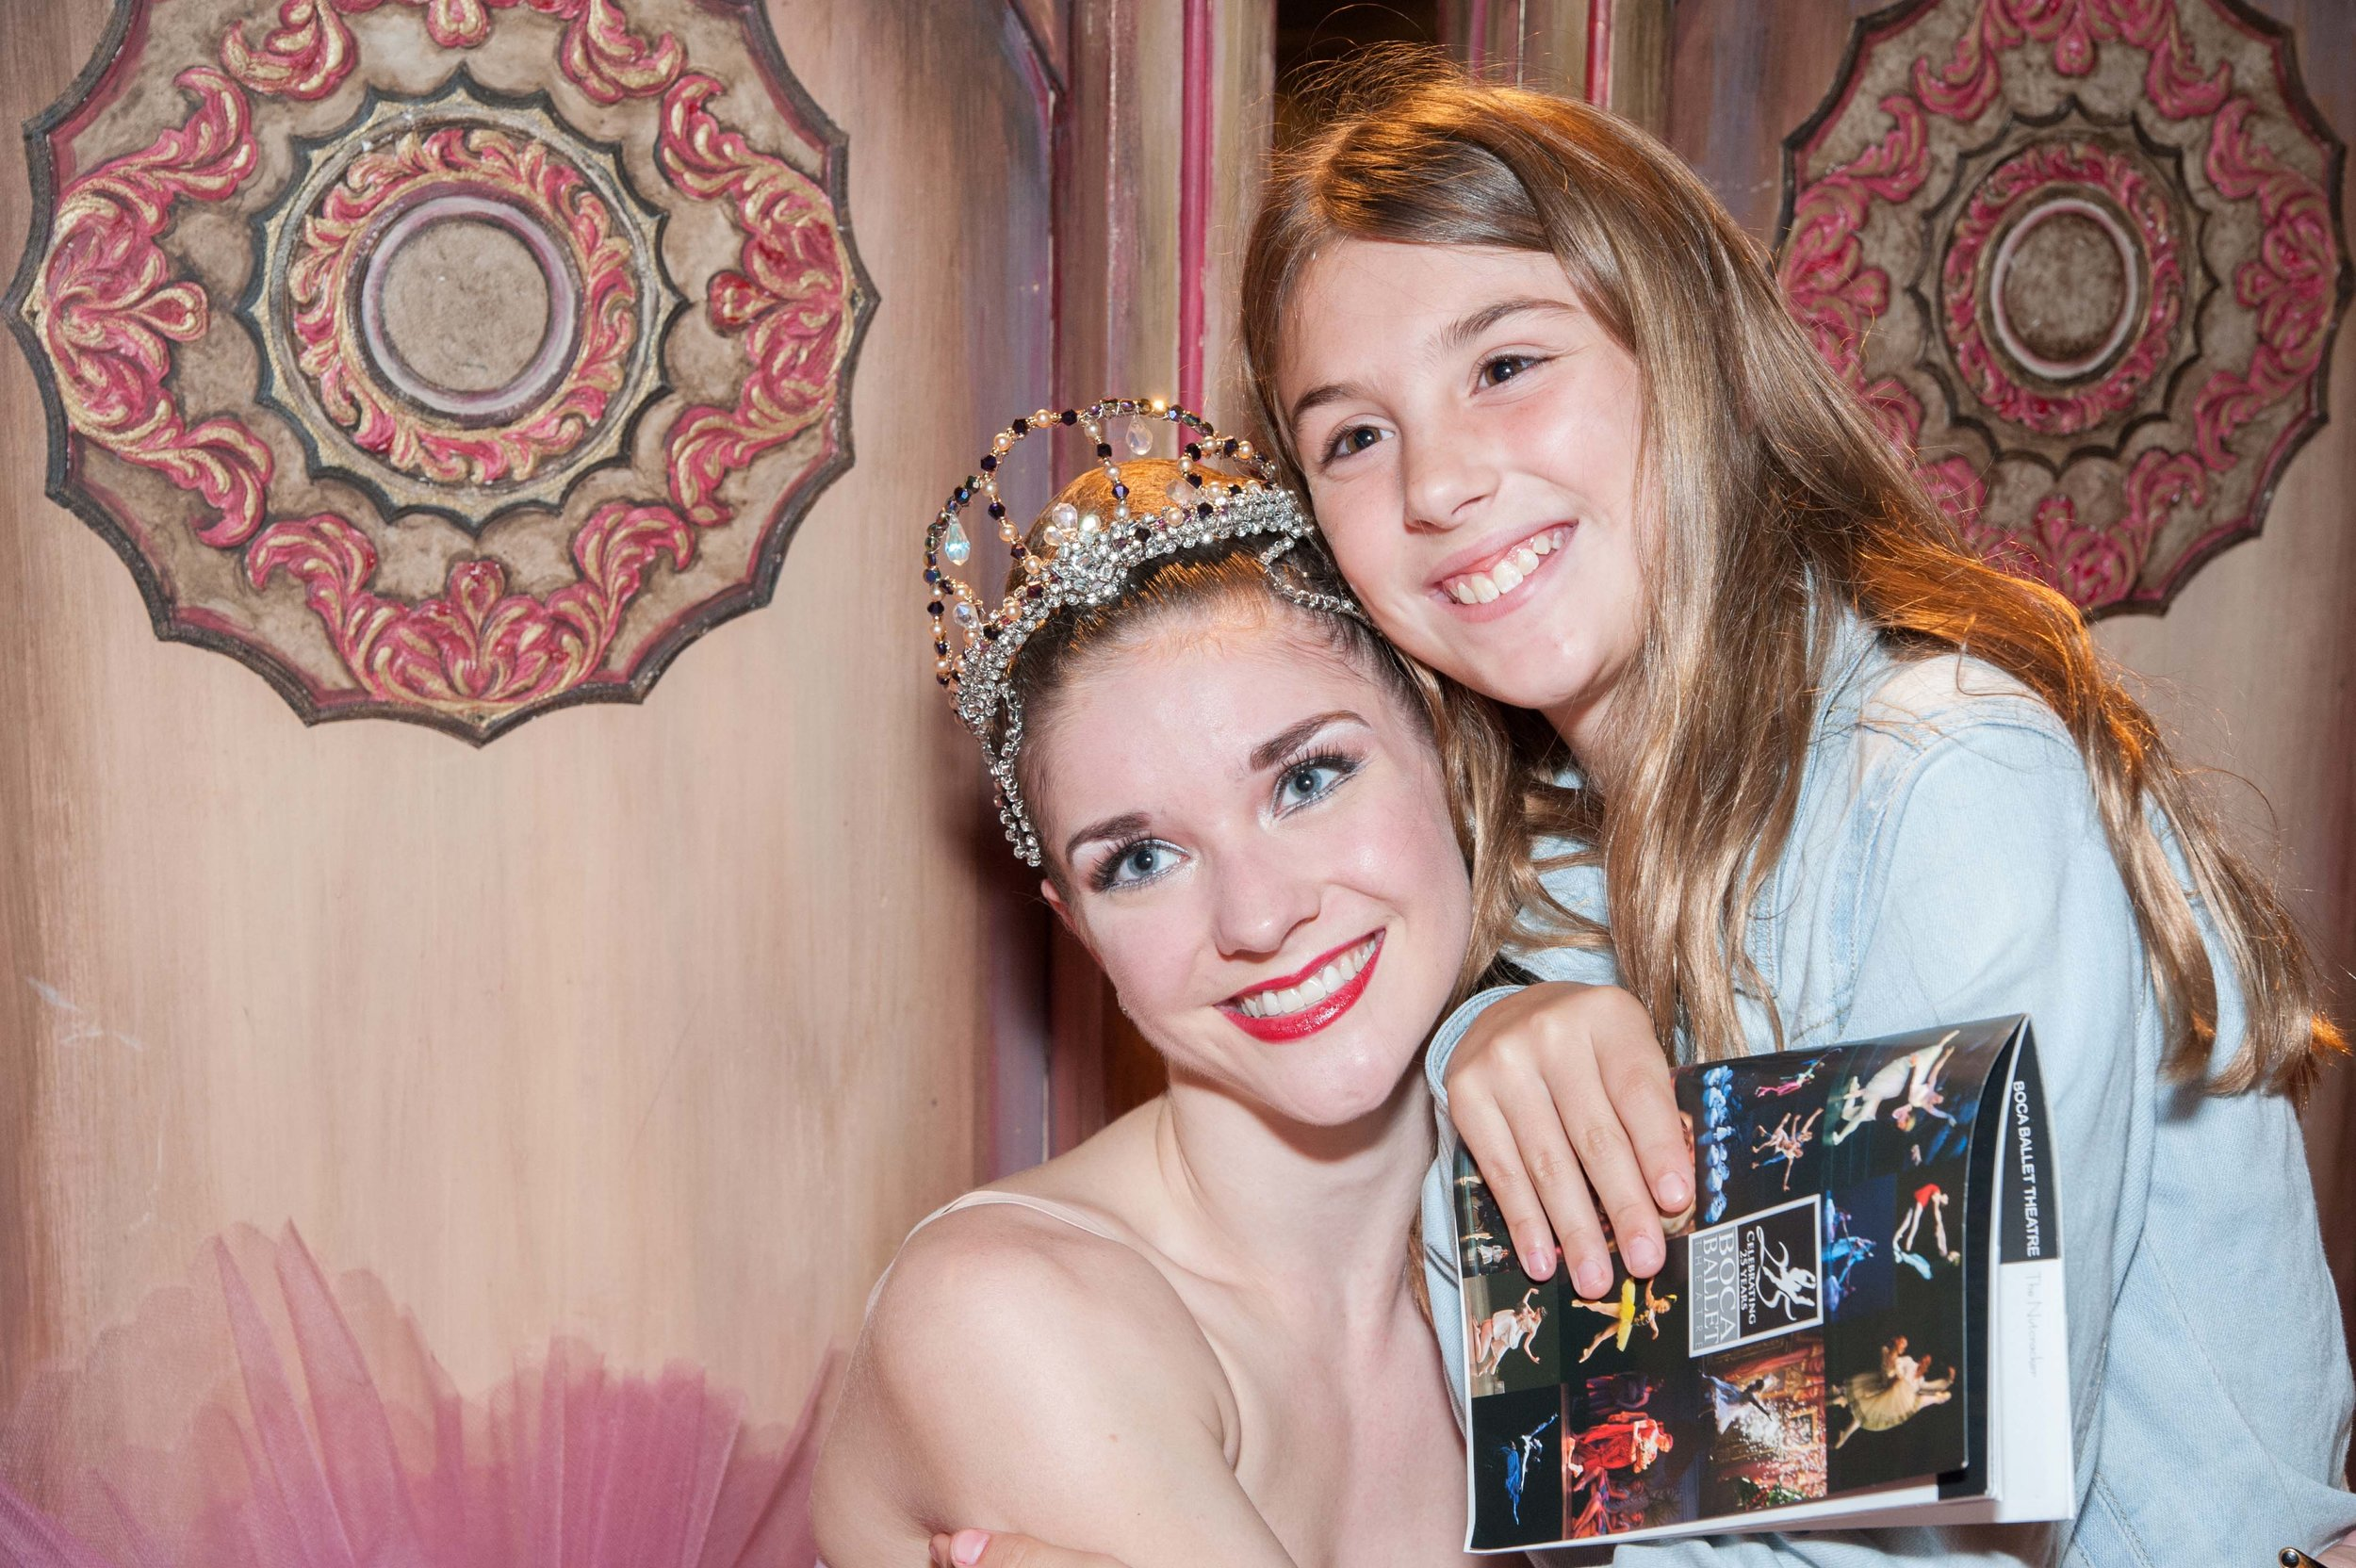 Cassandra-Trenary-Gingerbread-Ball-Boca-Ballet-Theatre-4.jpg